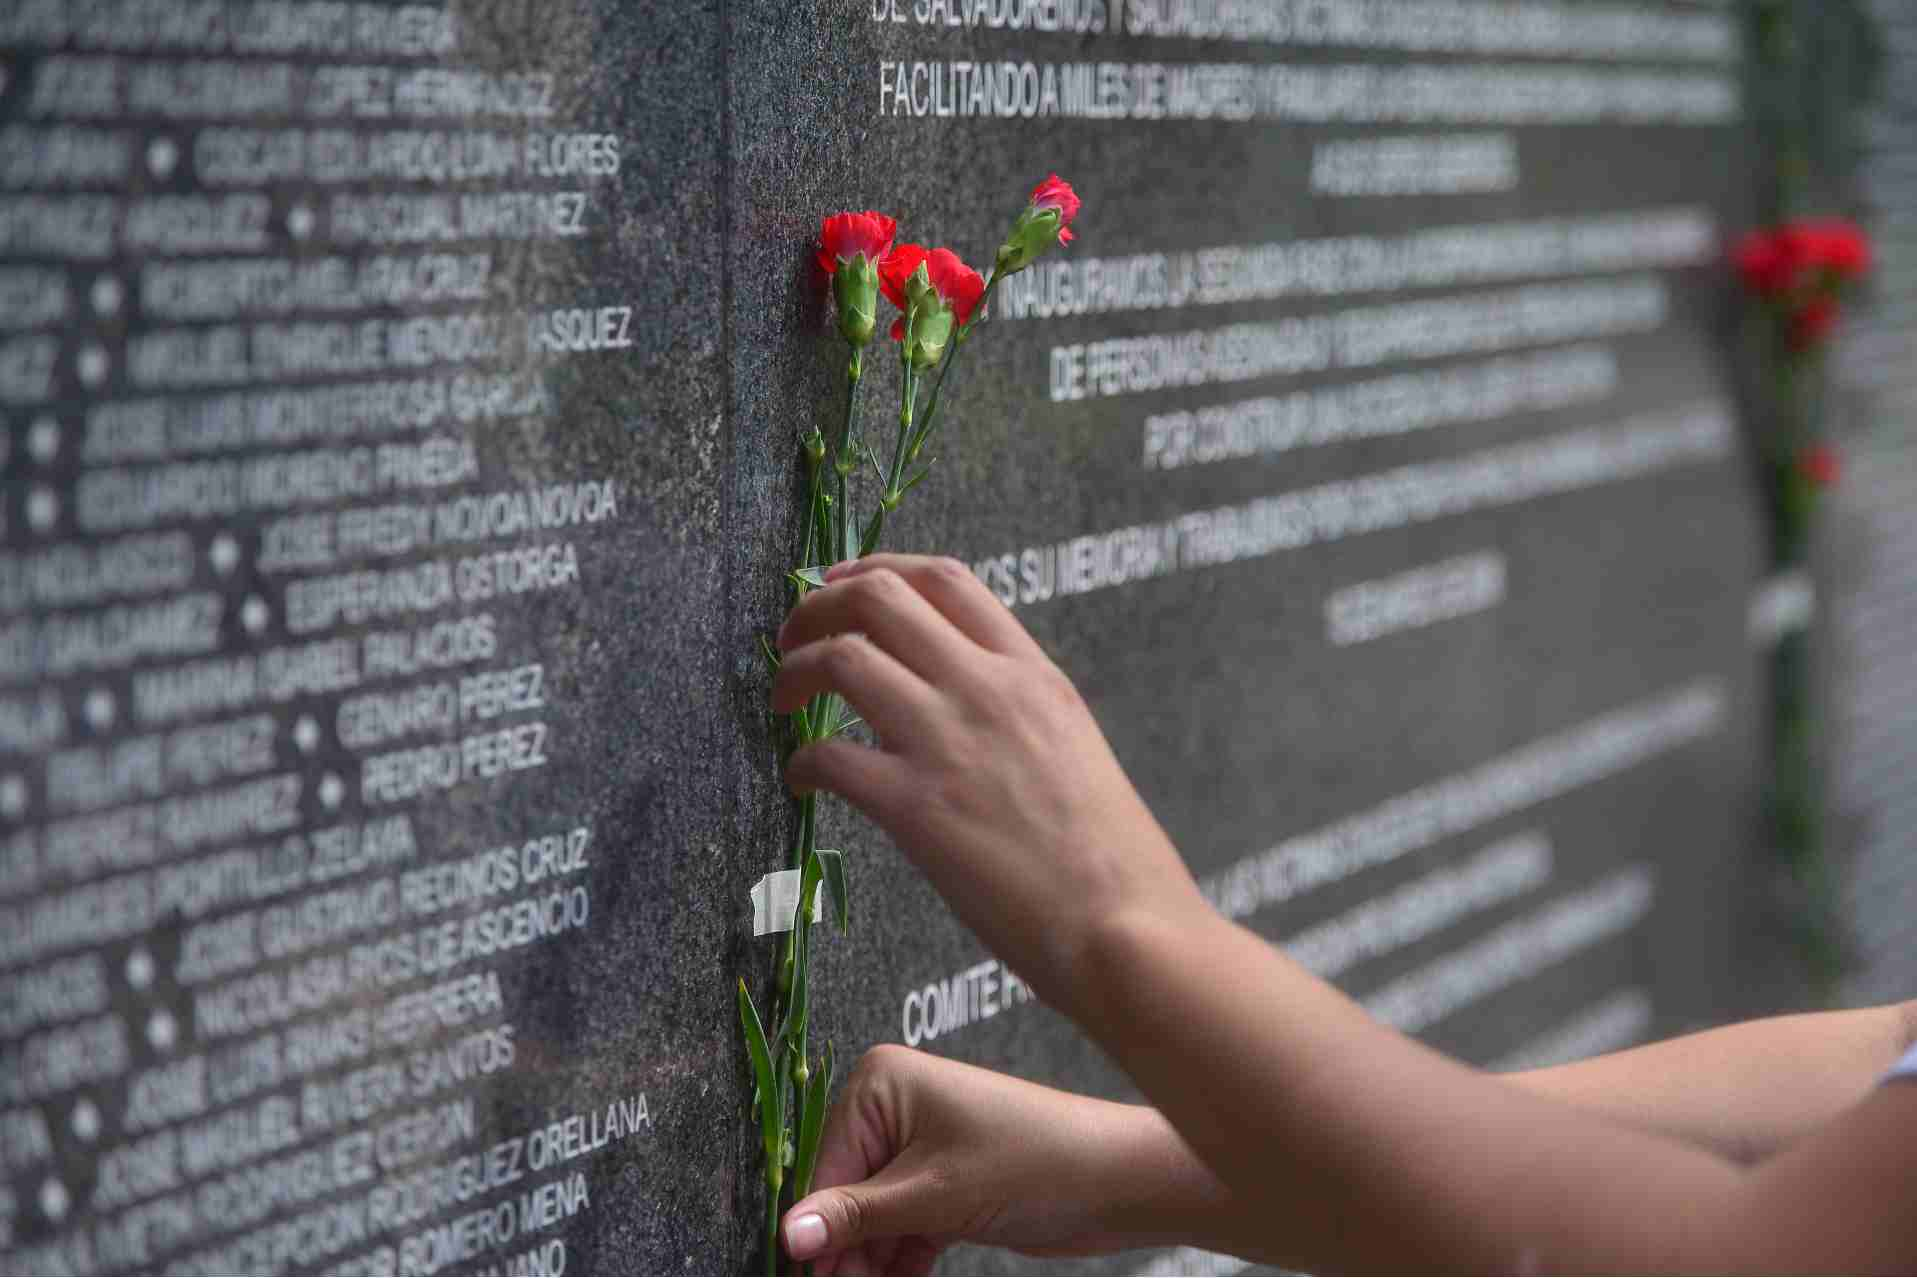 FR Conmemoración acuerdos de paz parque cuscatlan004